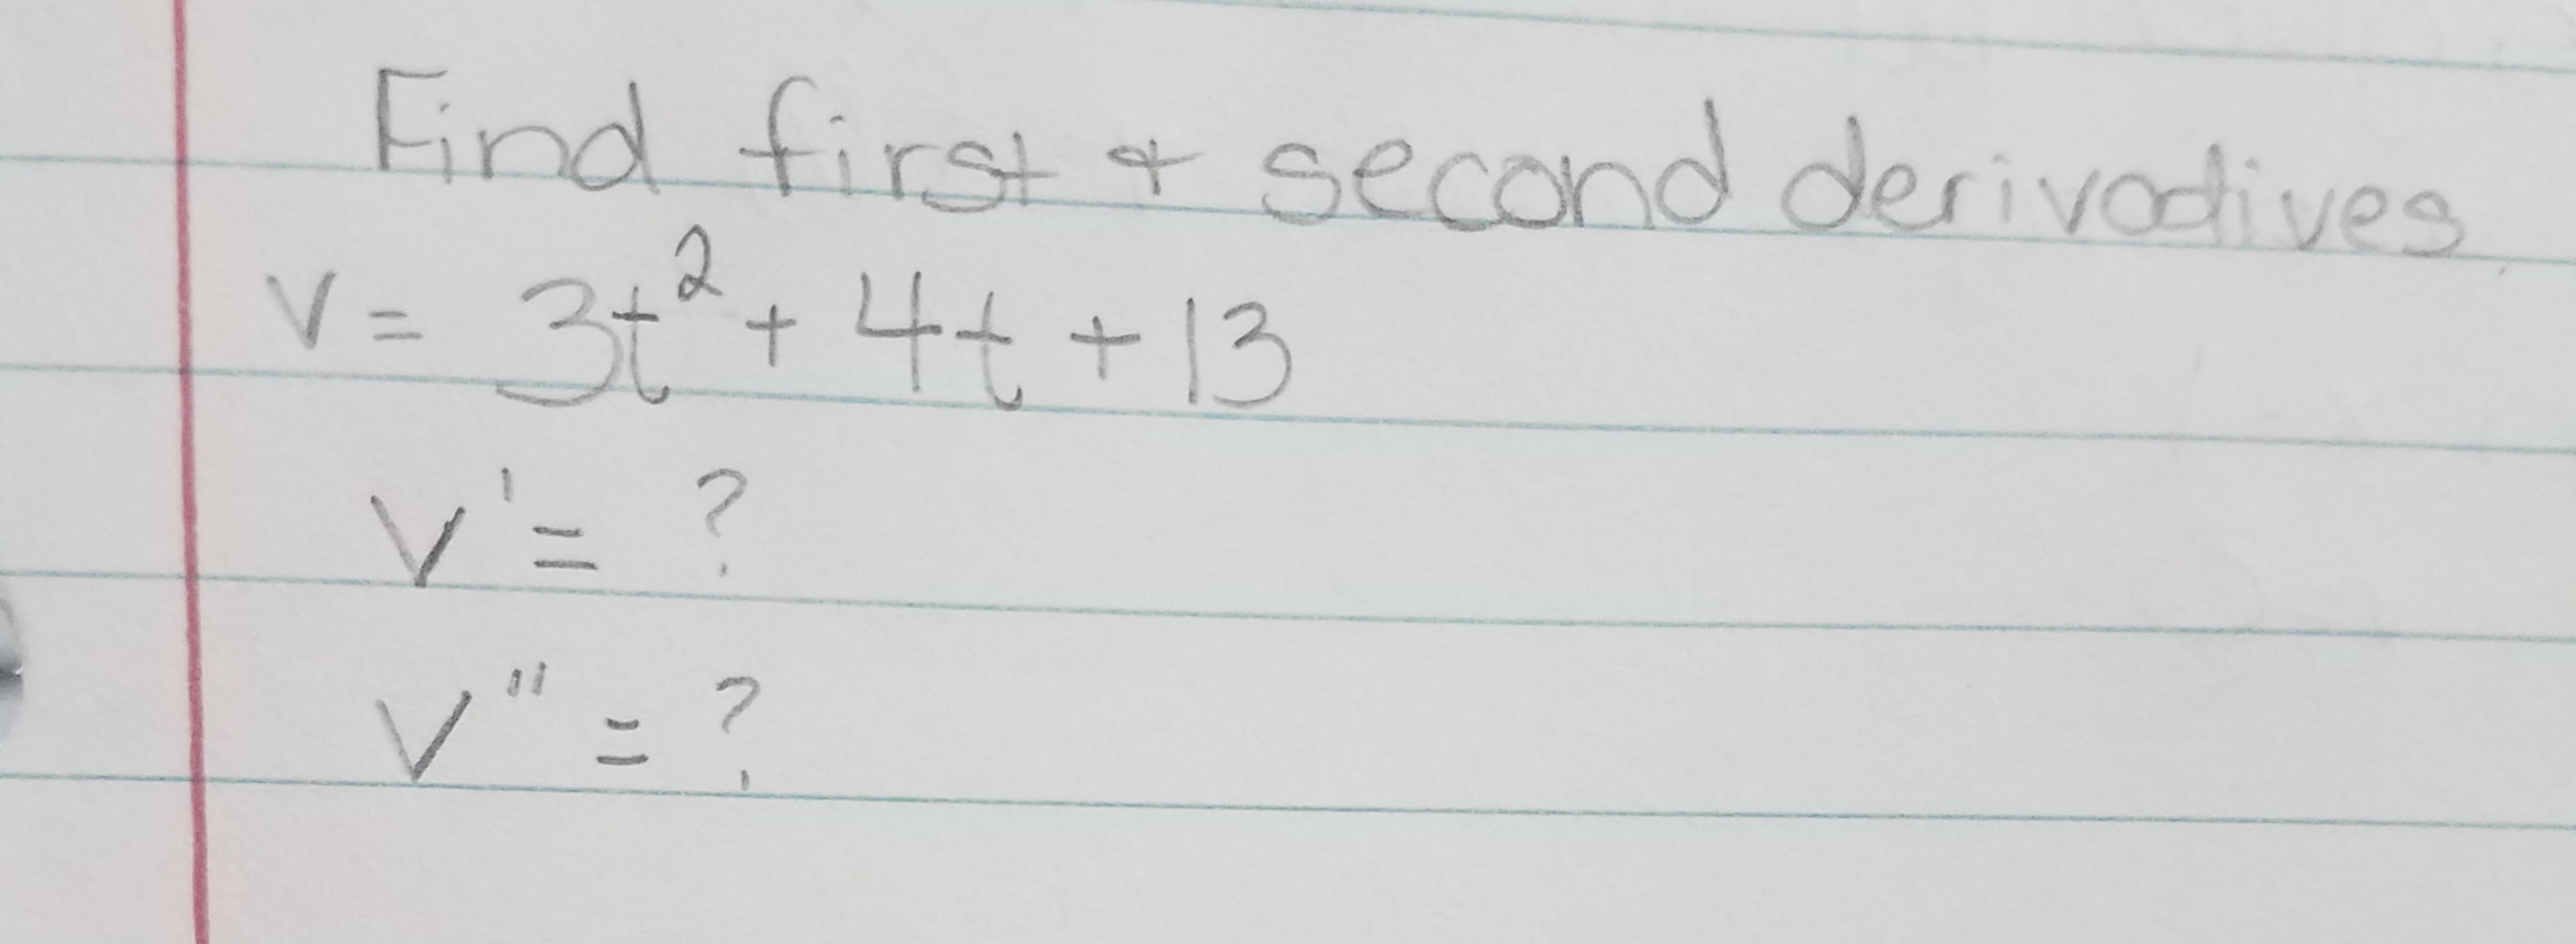 End tirst t second derivodives 44+13 V- 3tt ? a i 7